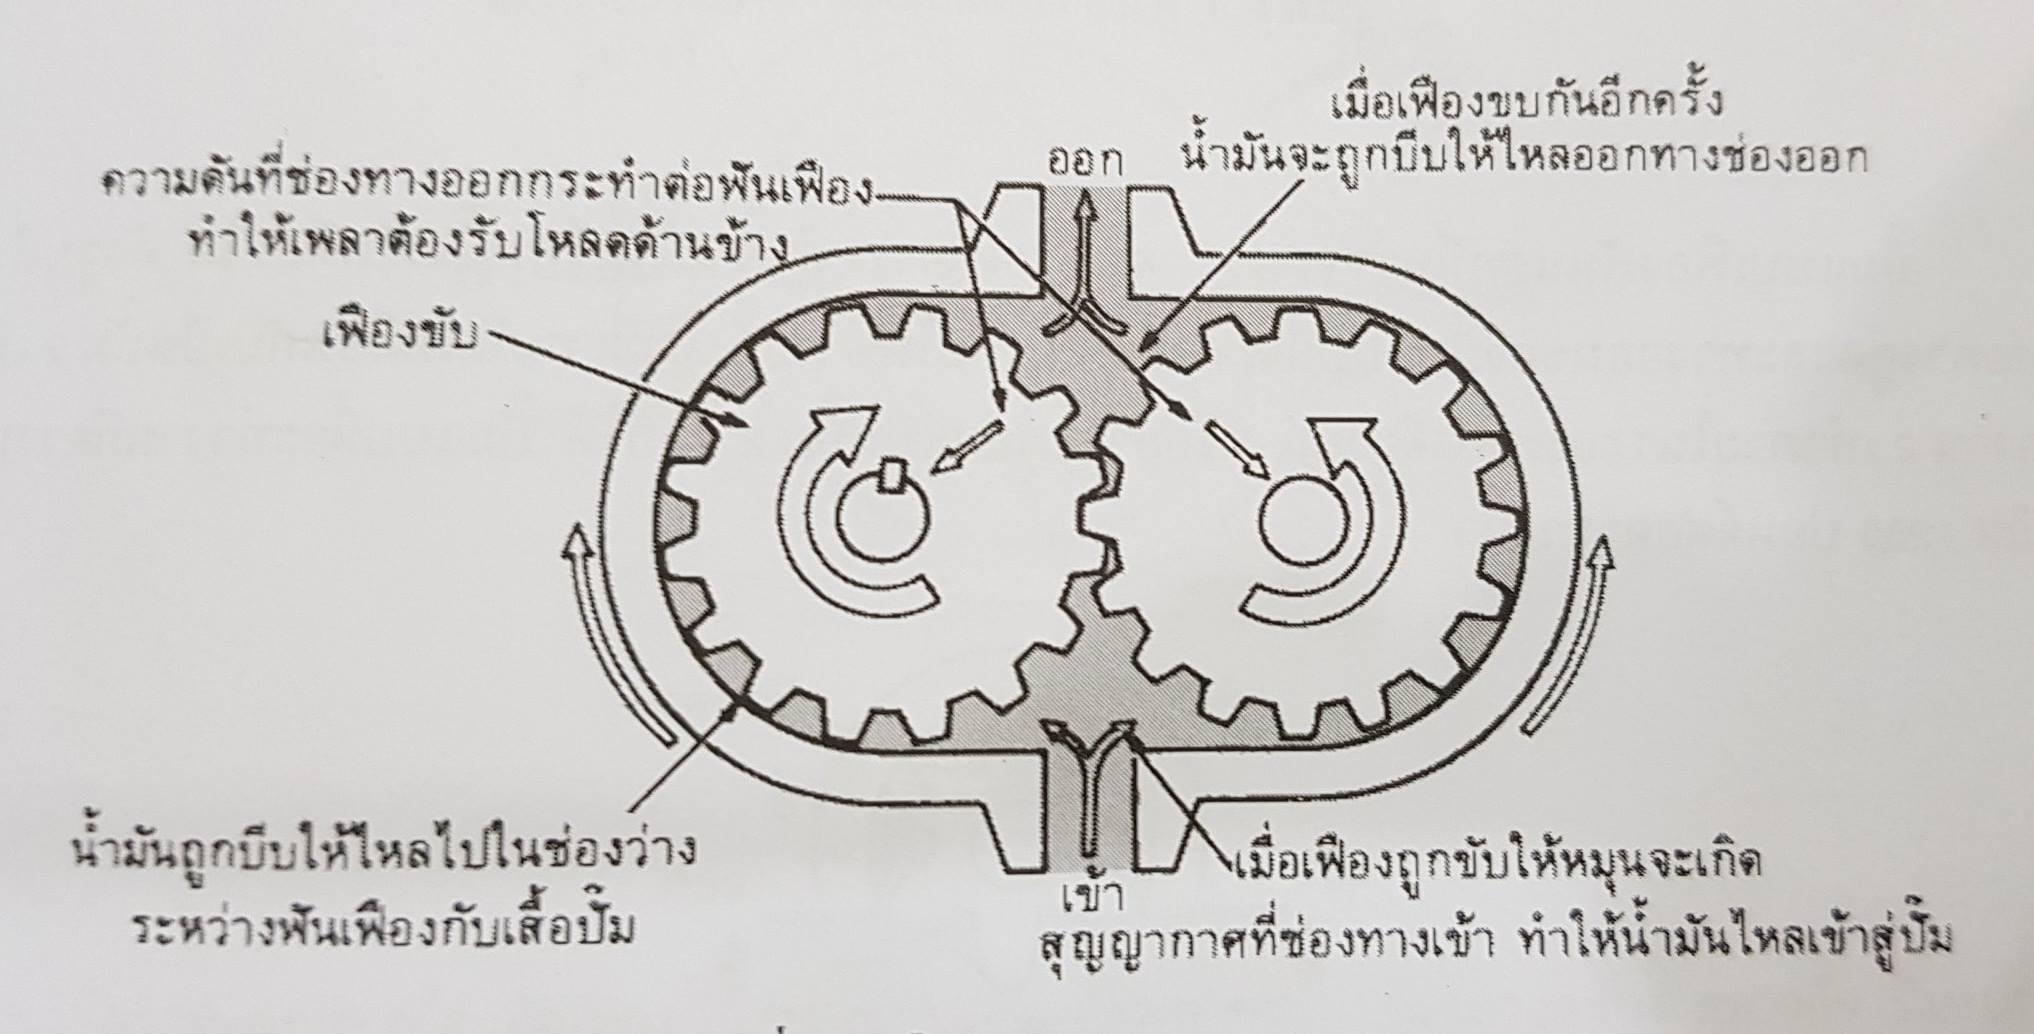 สาระความรู้ของปั้มแบบเฟือง (Gear Pump)